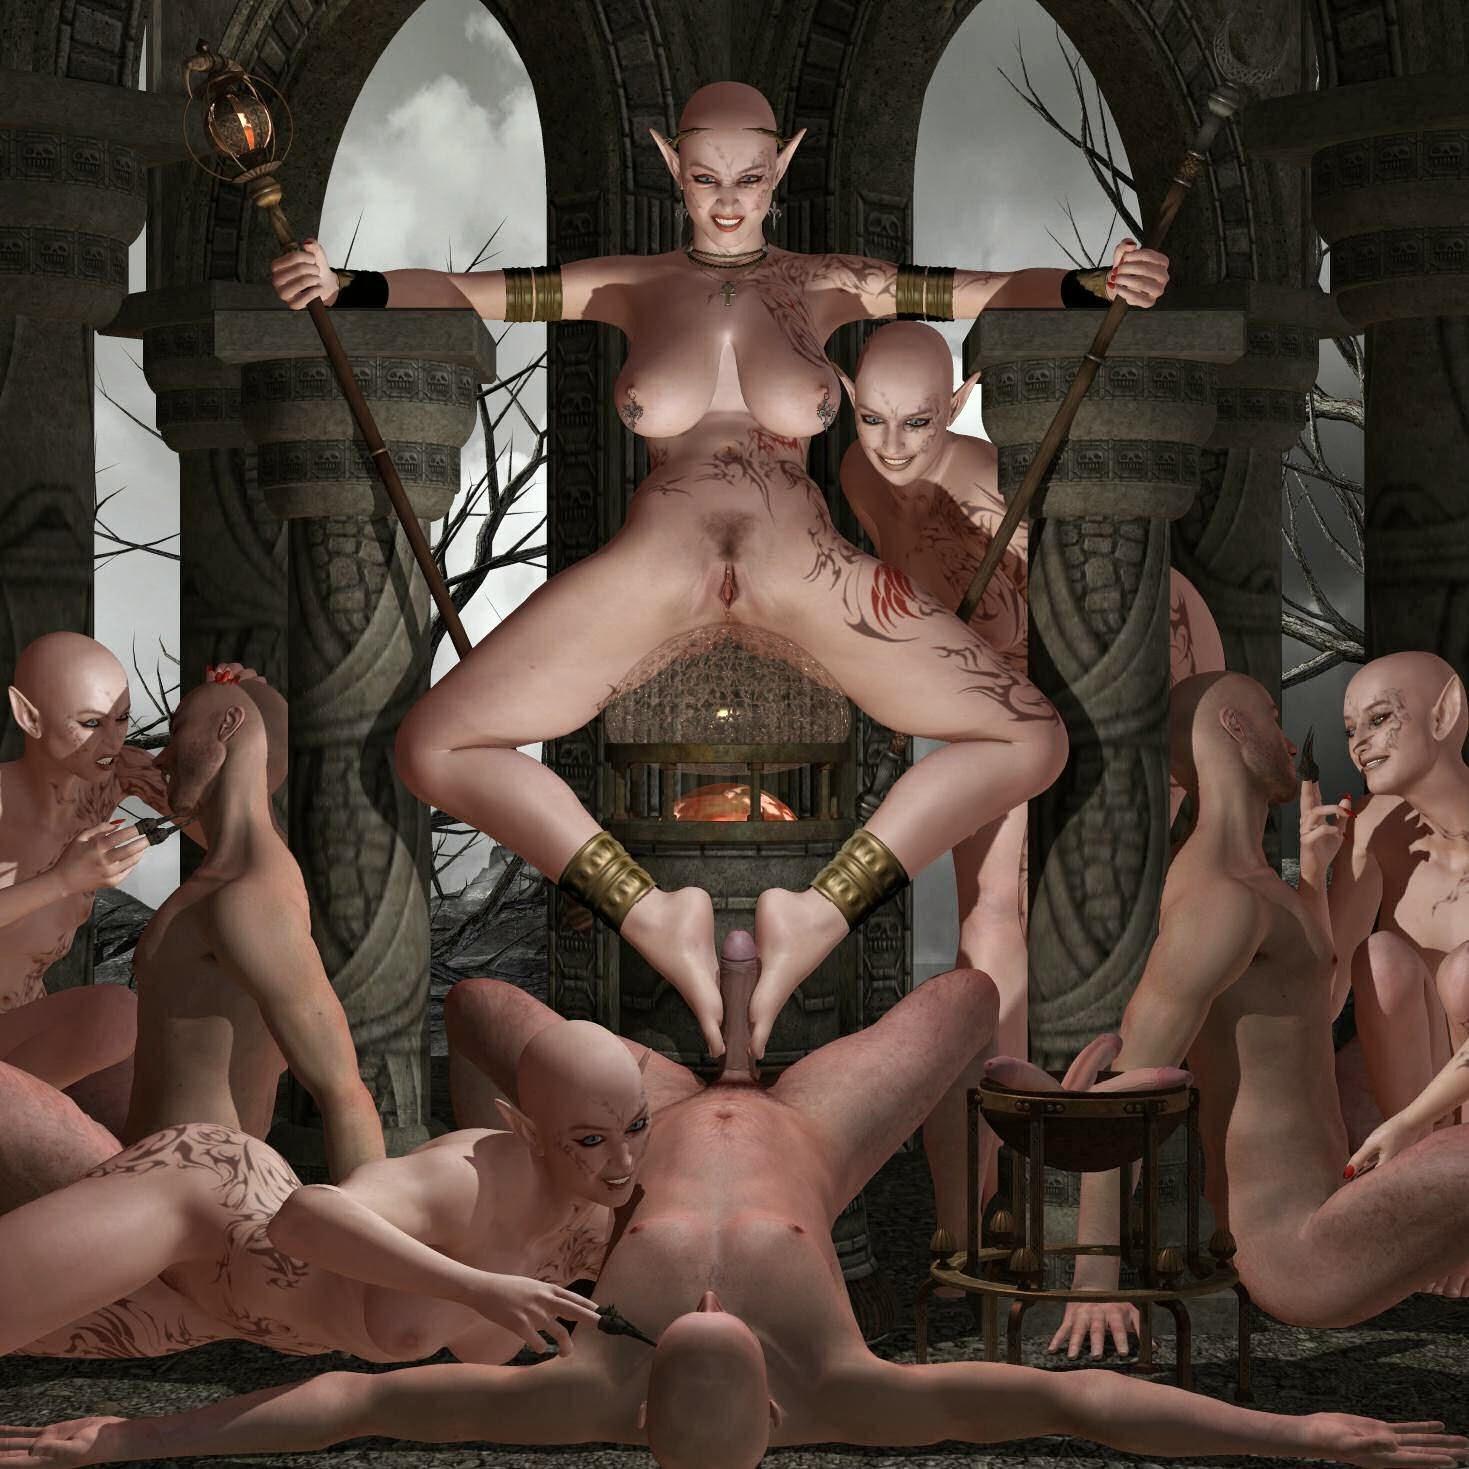 vampire-femdom-suck-olsen-twins-fake-naked-images